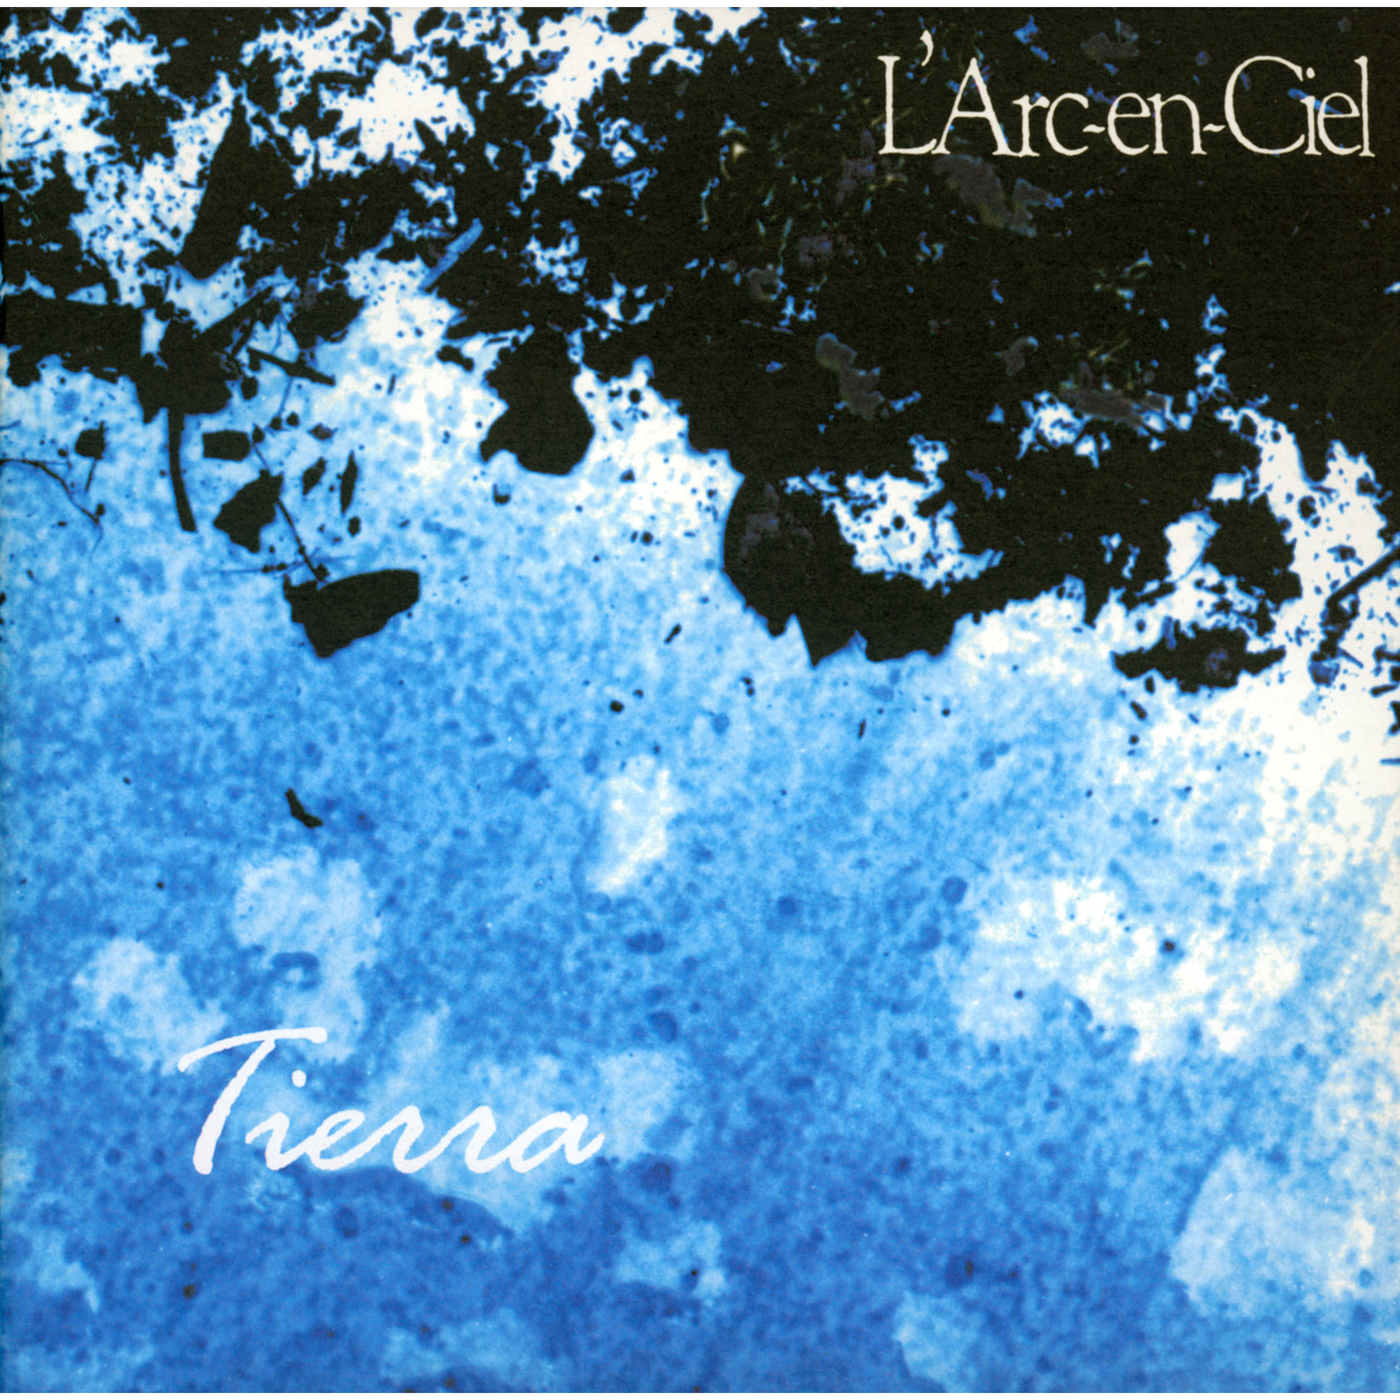 Tierra - L'Arc-en-Ciel